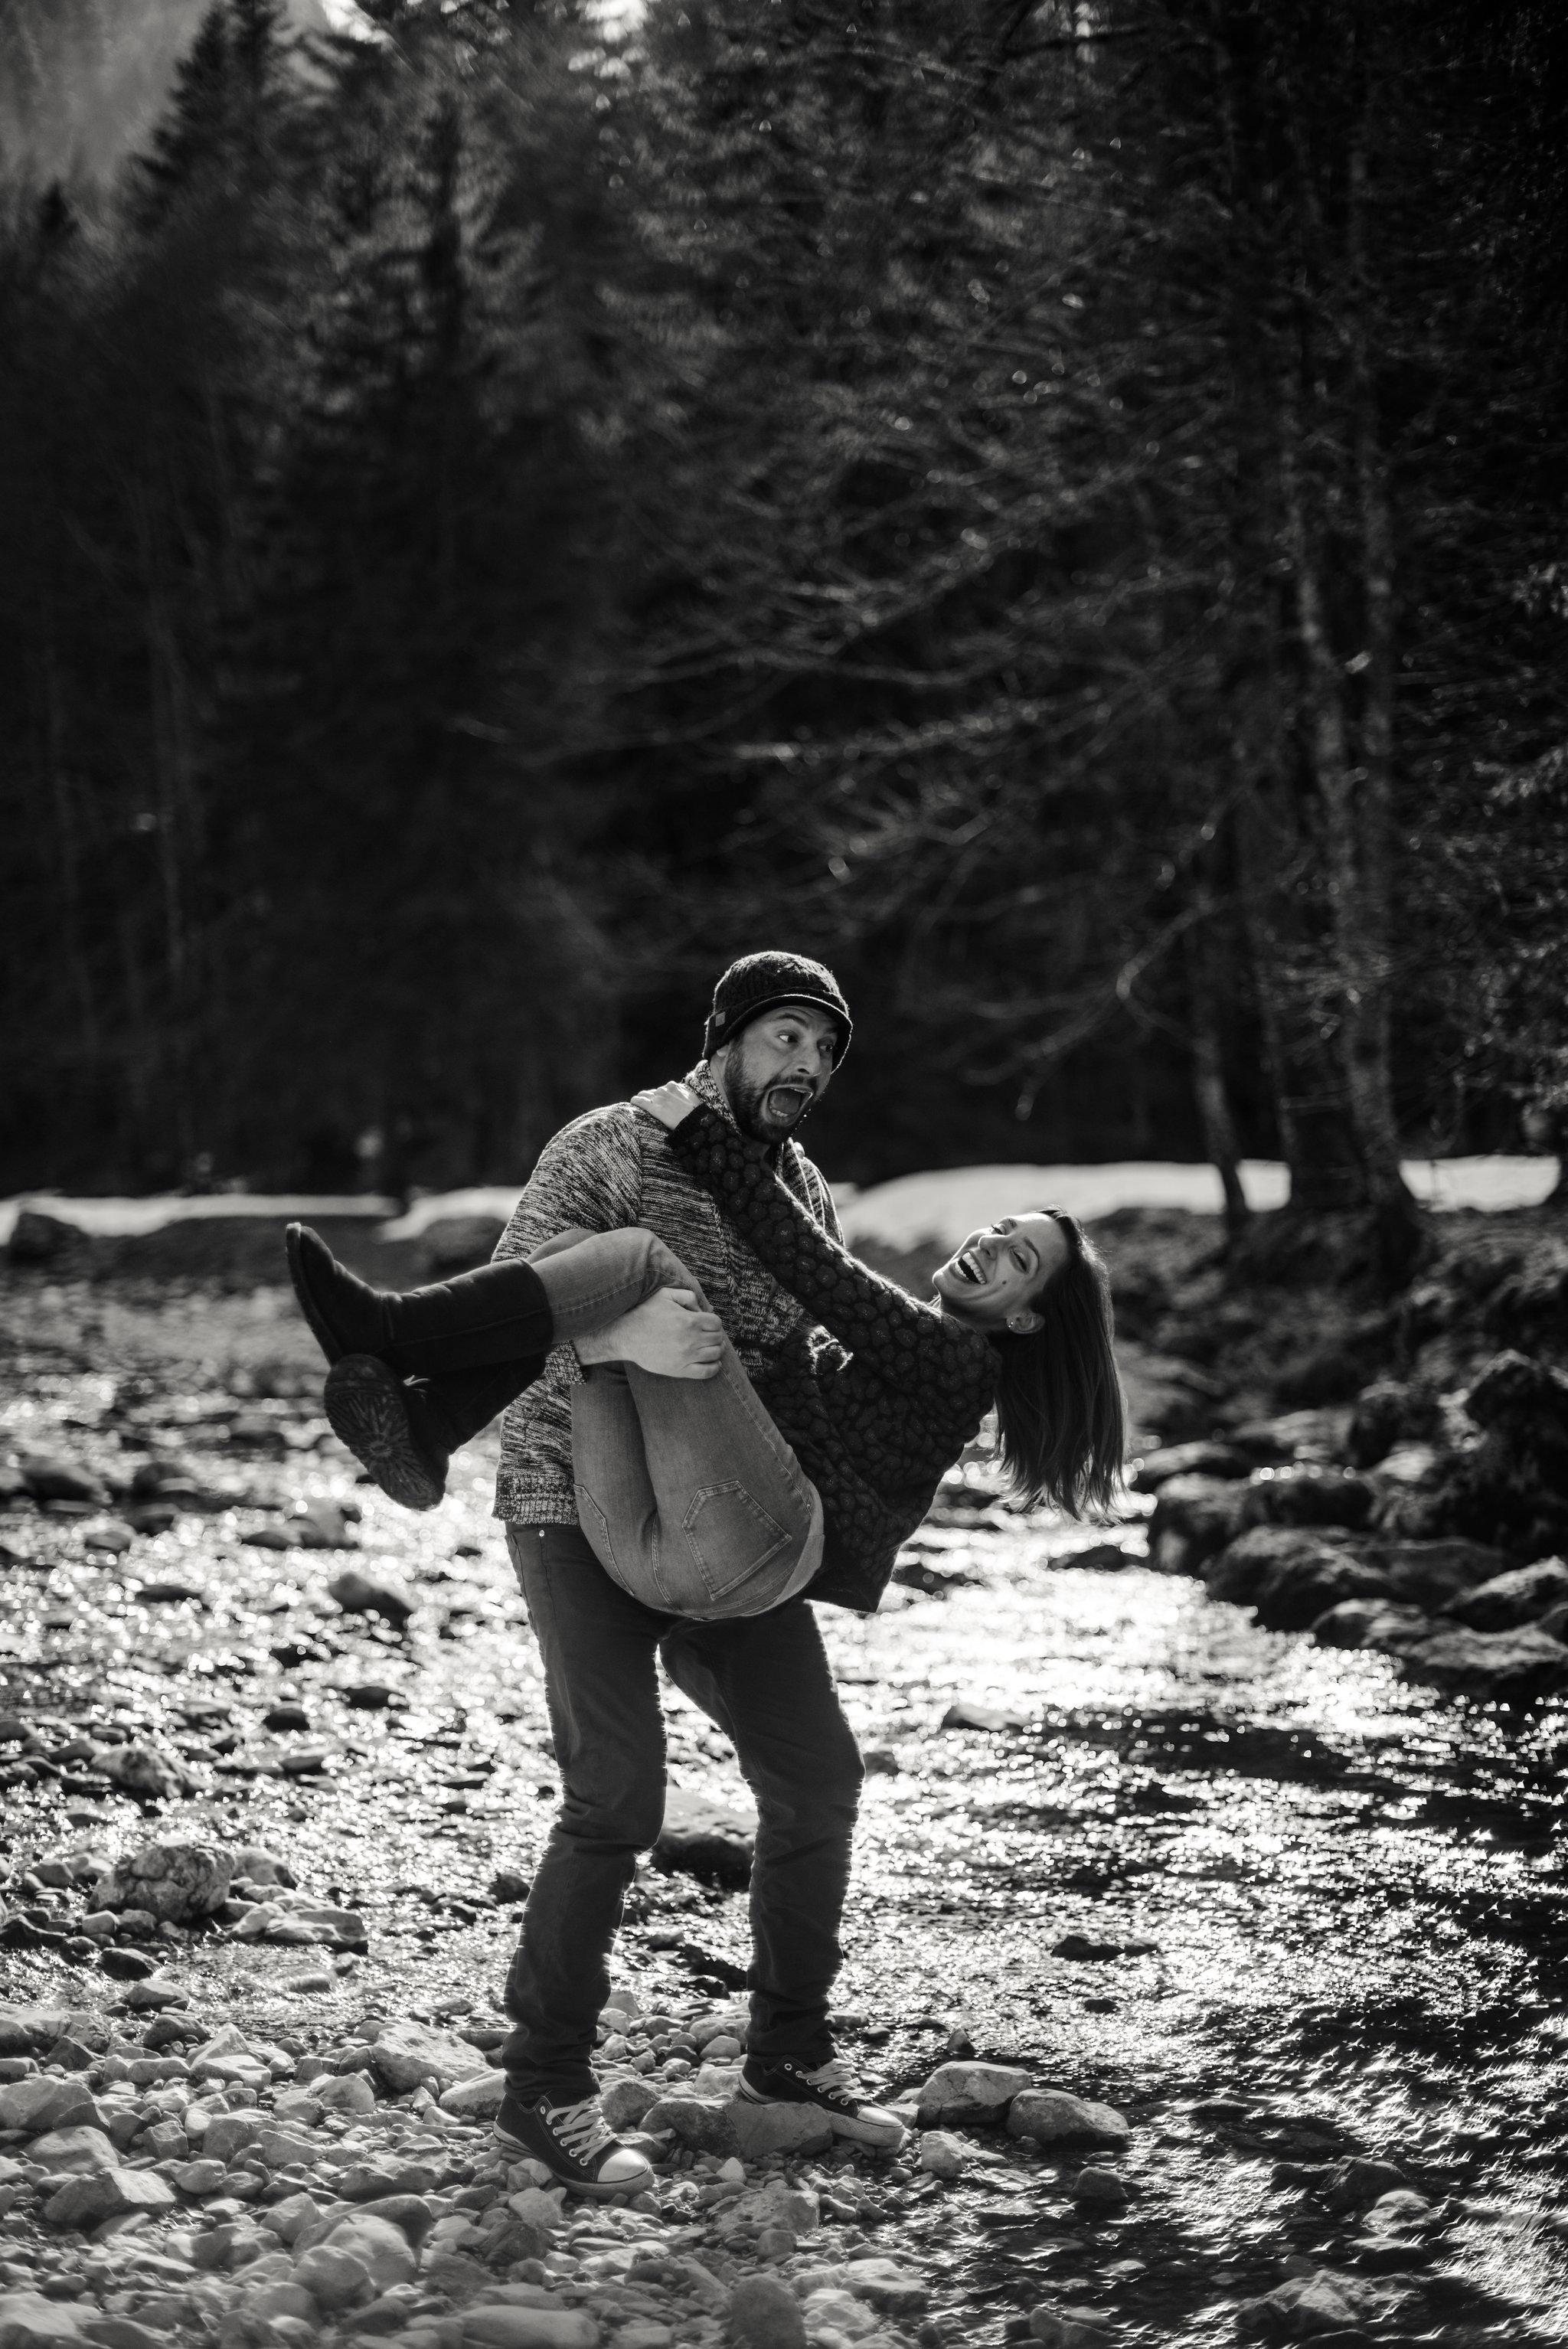 Léa-Fery-photographe-professionnel-lyon-rhone-alpes-portrait-creation-mariage-evenement-evenementiel-famille-5139.jpg